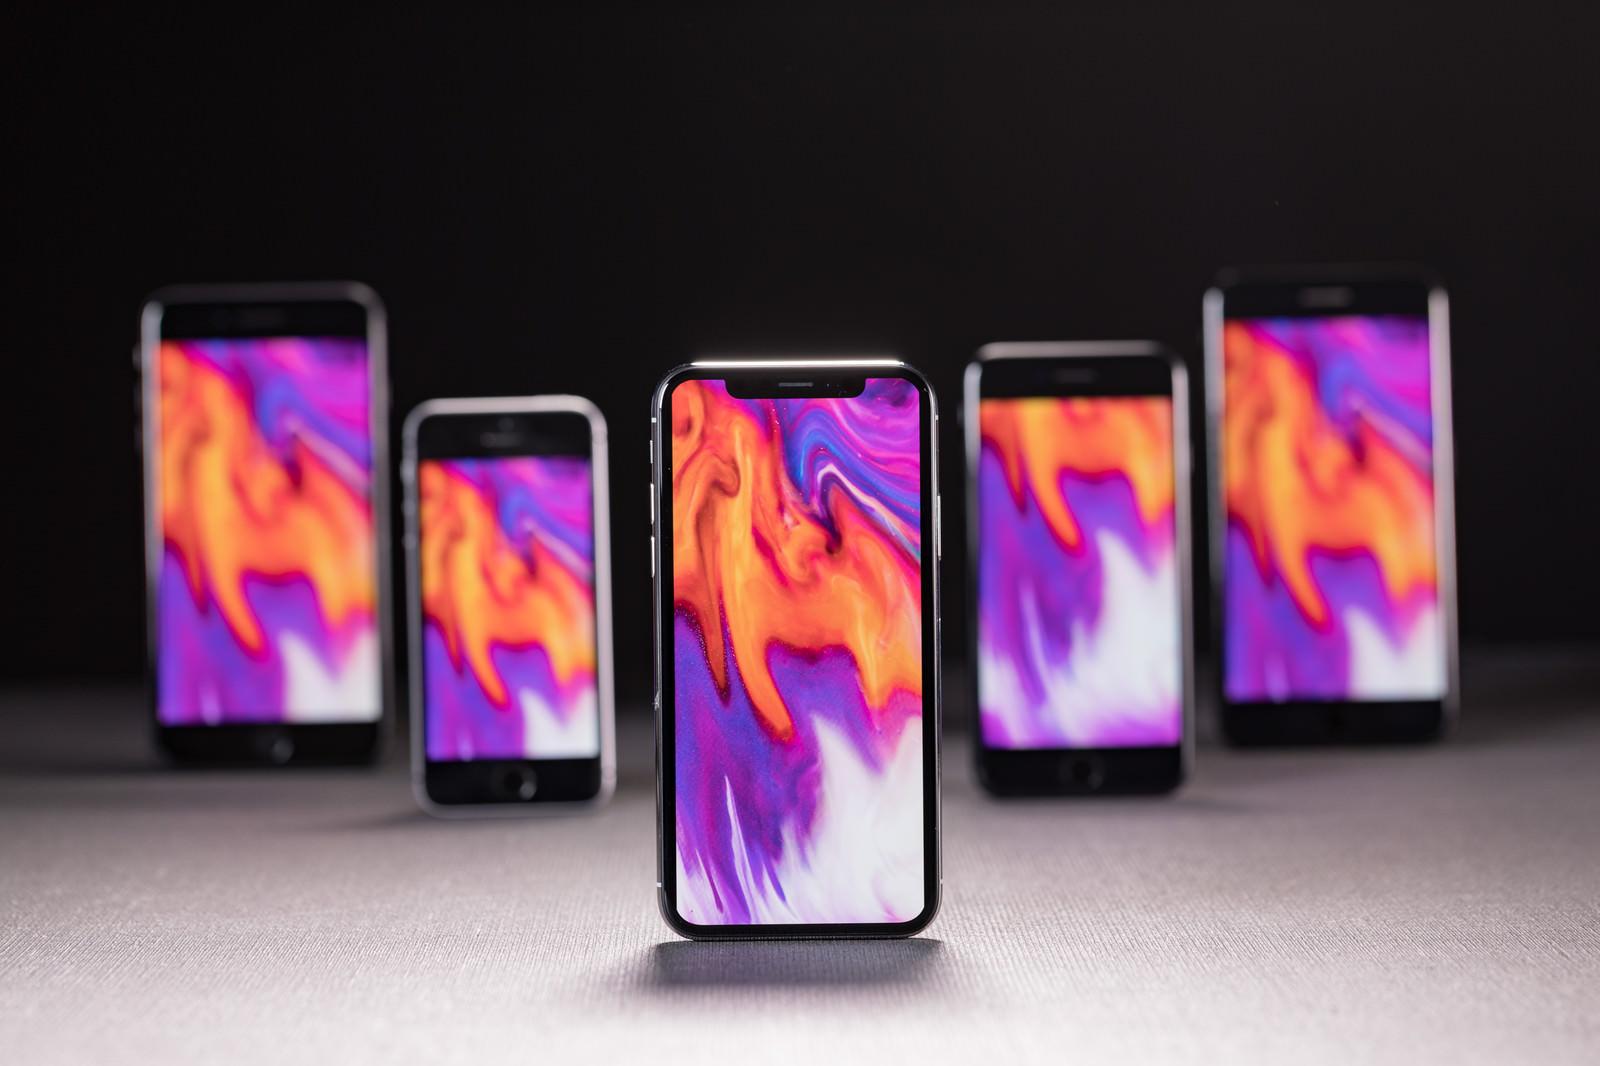 ãæ°æ§ iPhone ãåãå¾åãç»é¢ã«è¨å®ãã¦ä¸¦ã¹ã¾ãã æ°æ§ iPhone ãåãå¾åãç»é¢ã«è¨å®ãã¦ä¸¦ã¹ã¾ãã ãã®ããªã¼åçç´æãæ¡å¤§